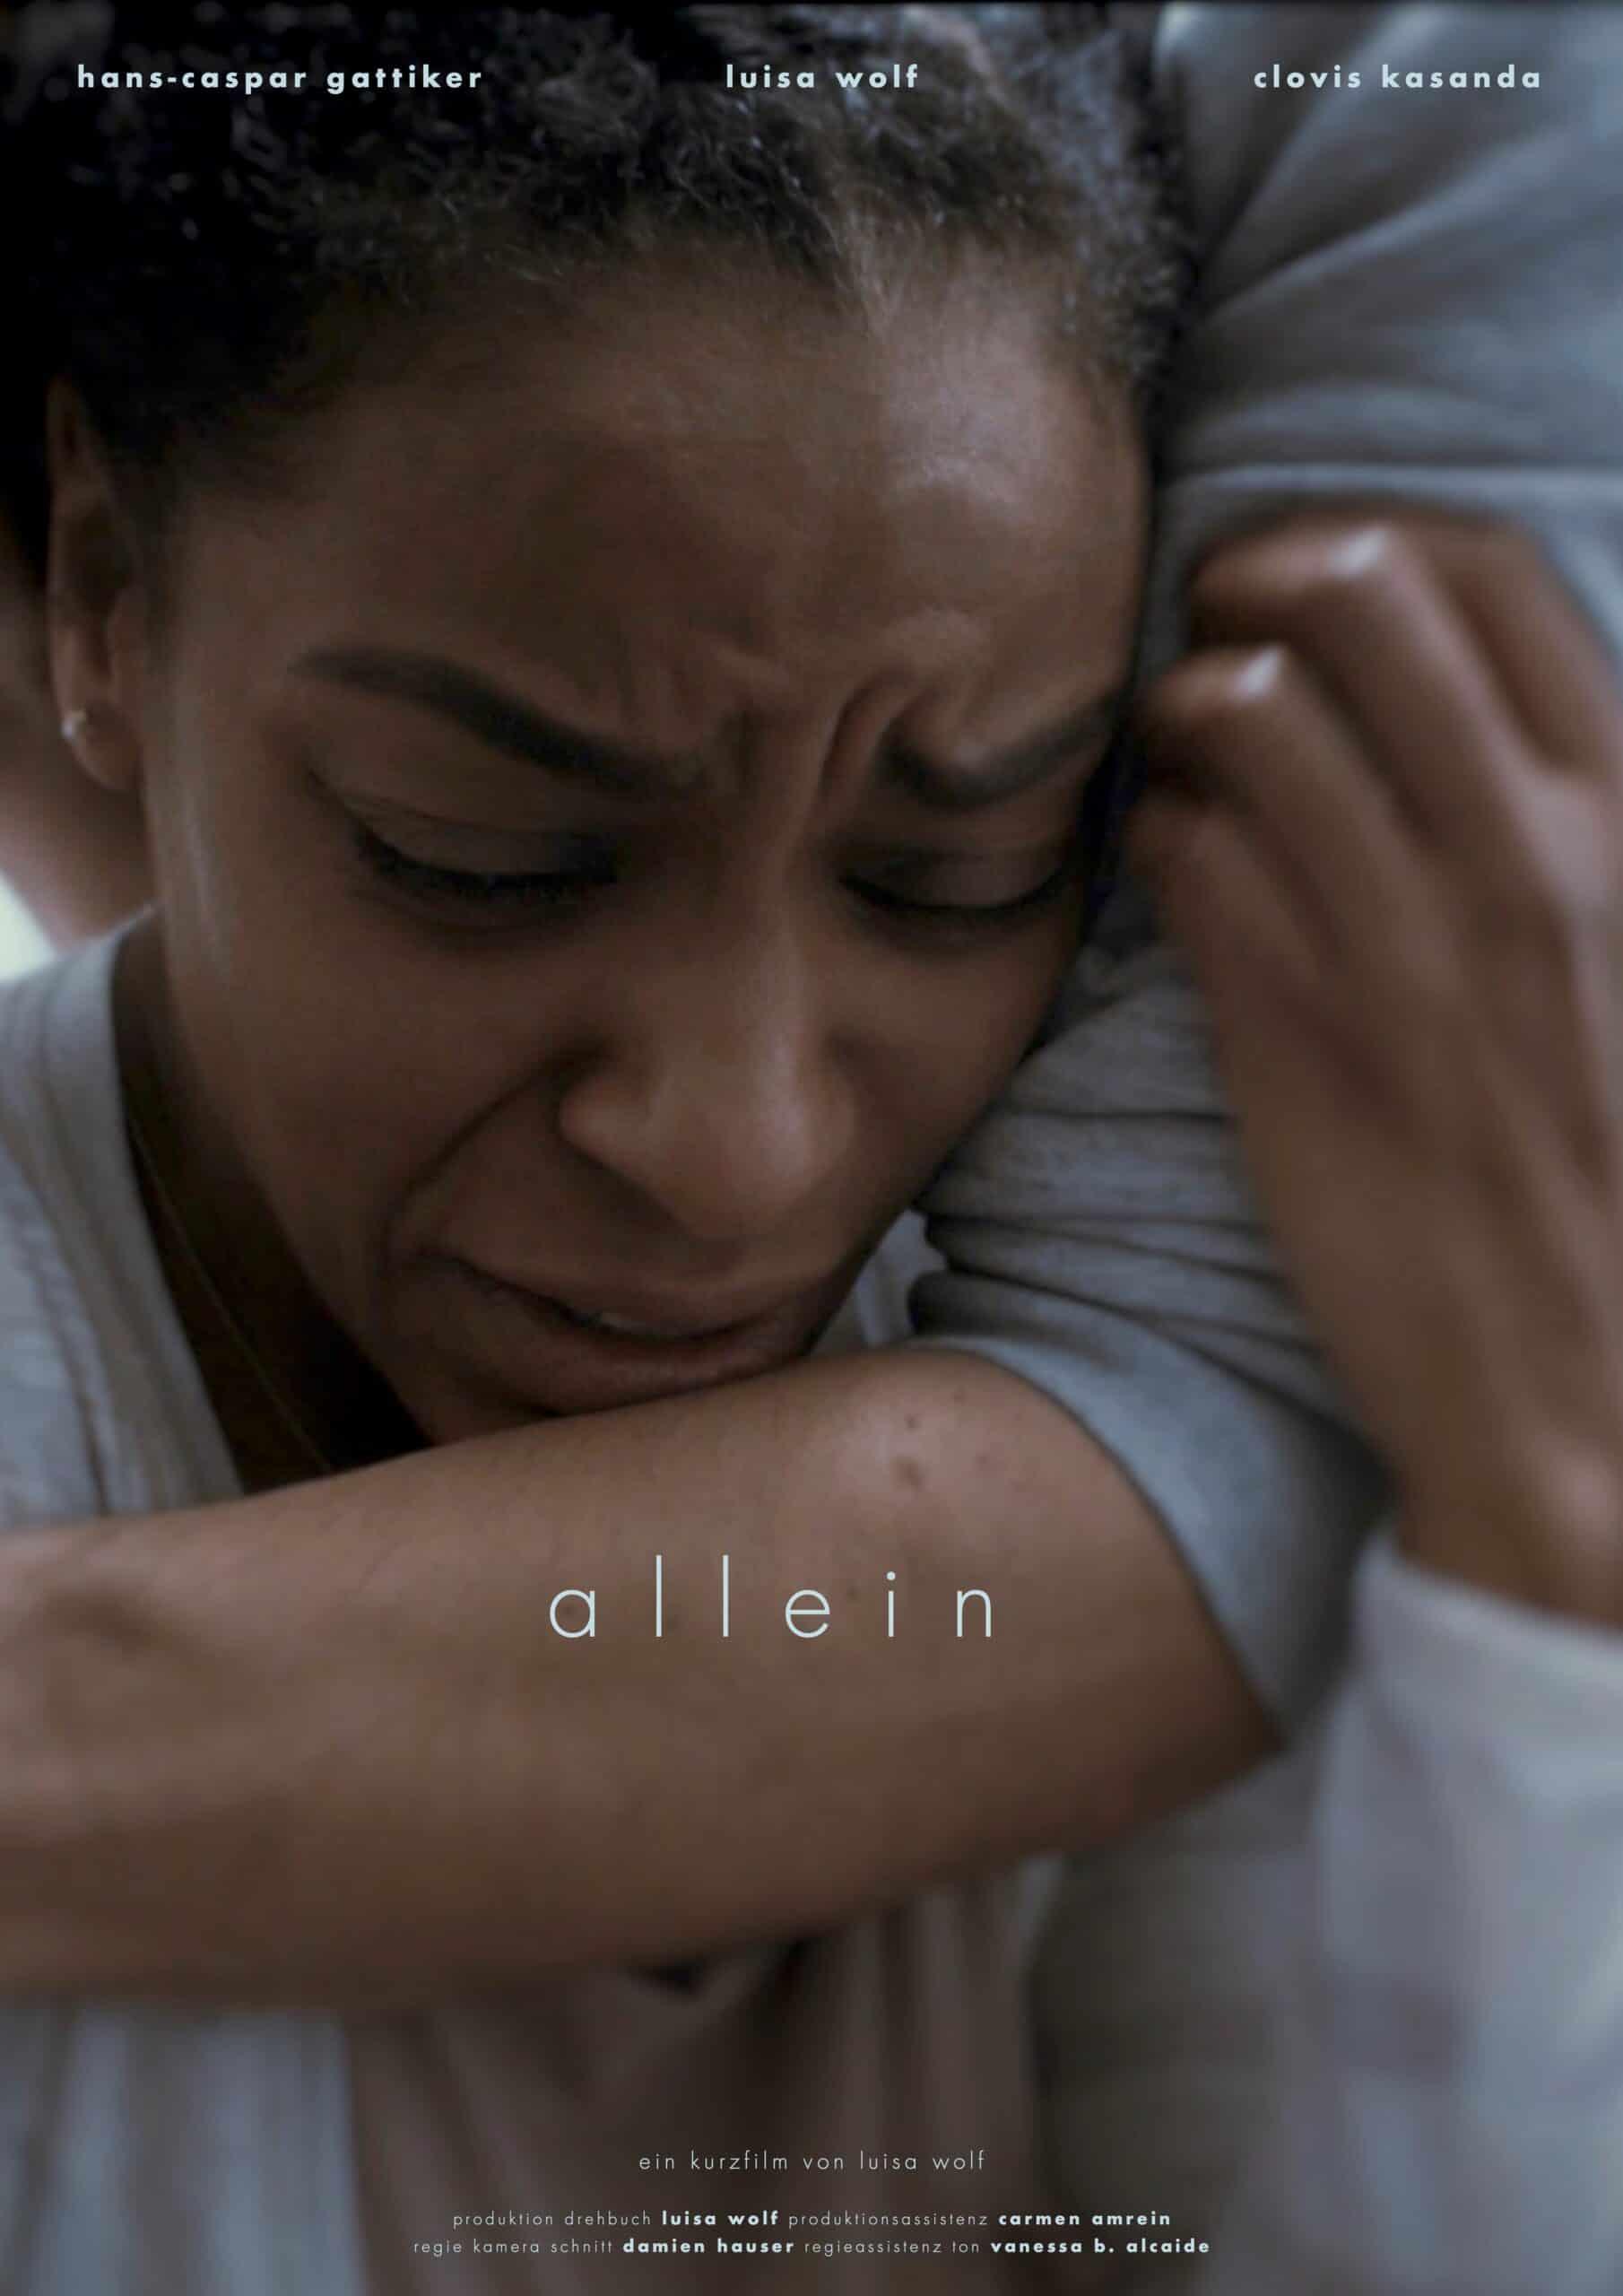 Allein – Ein Kurzfilm über Das Thema Frühe Fehlgeburt, Nominiert Bei Swisscom Blue Wettbewerb On Stage